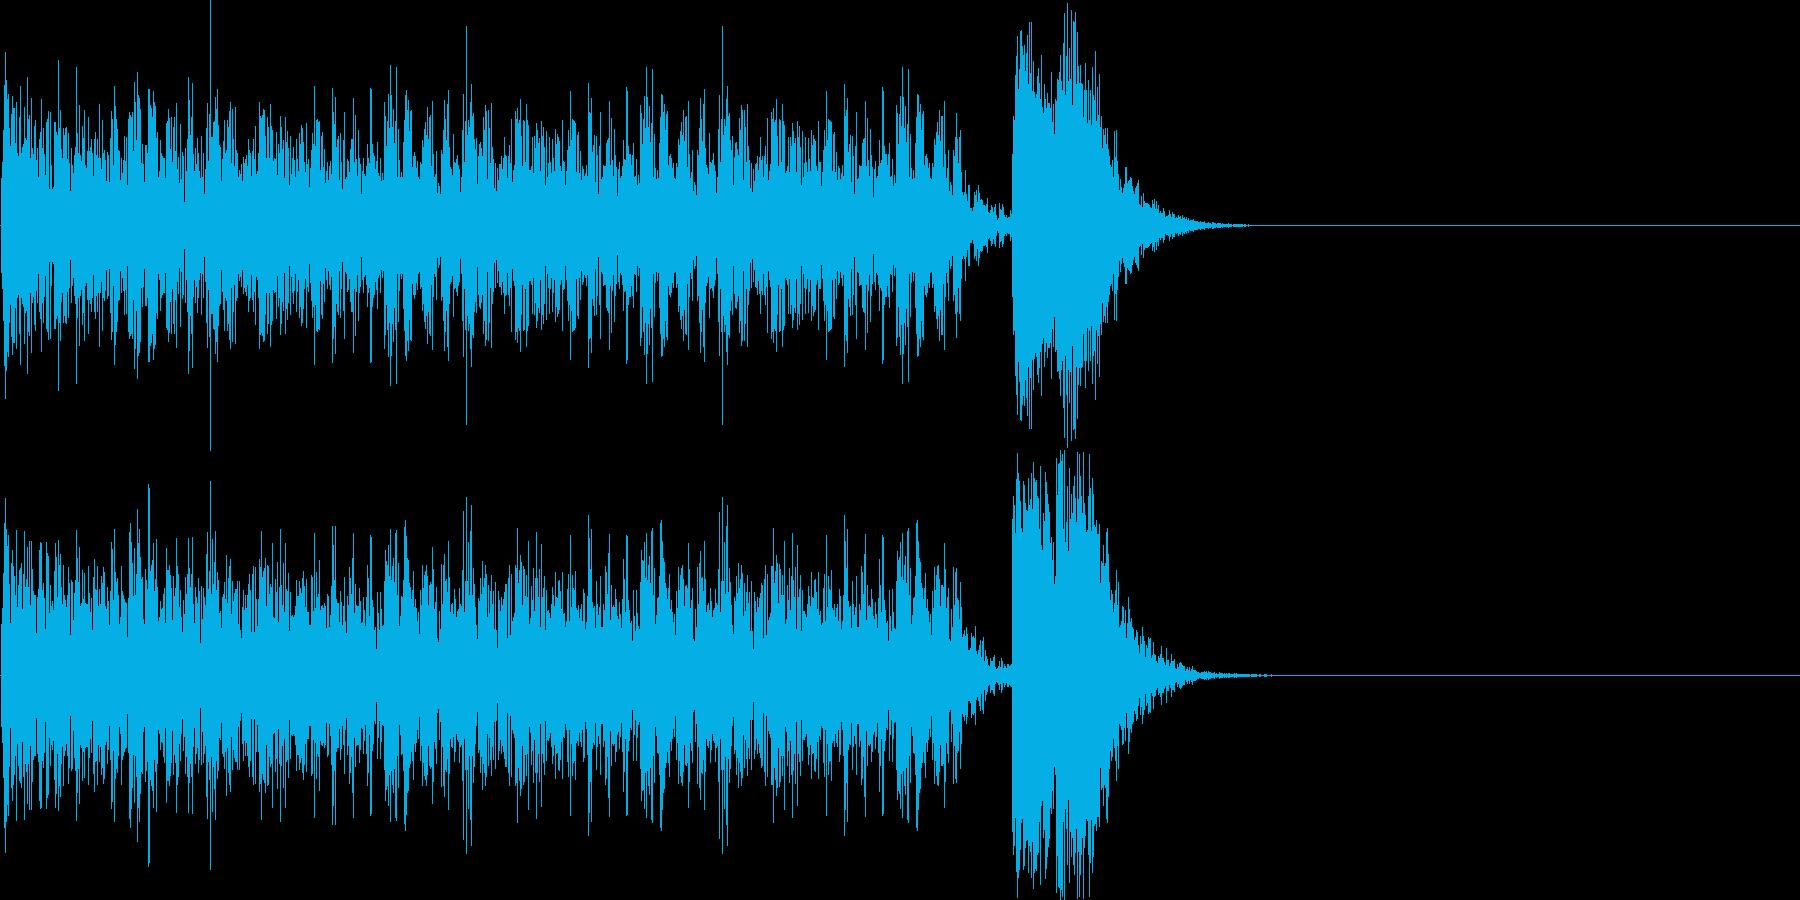 結果発表に使うSEの再生済みの波形